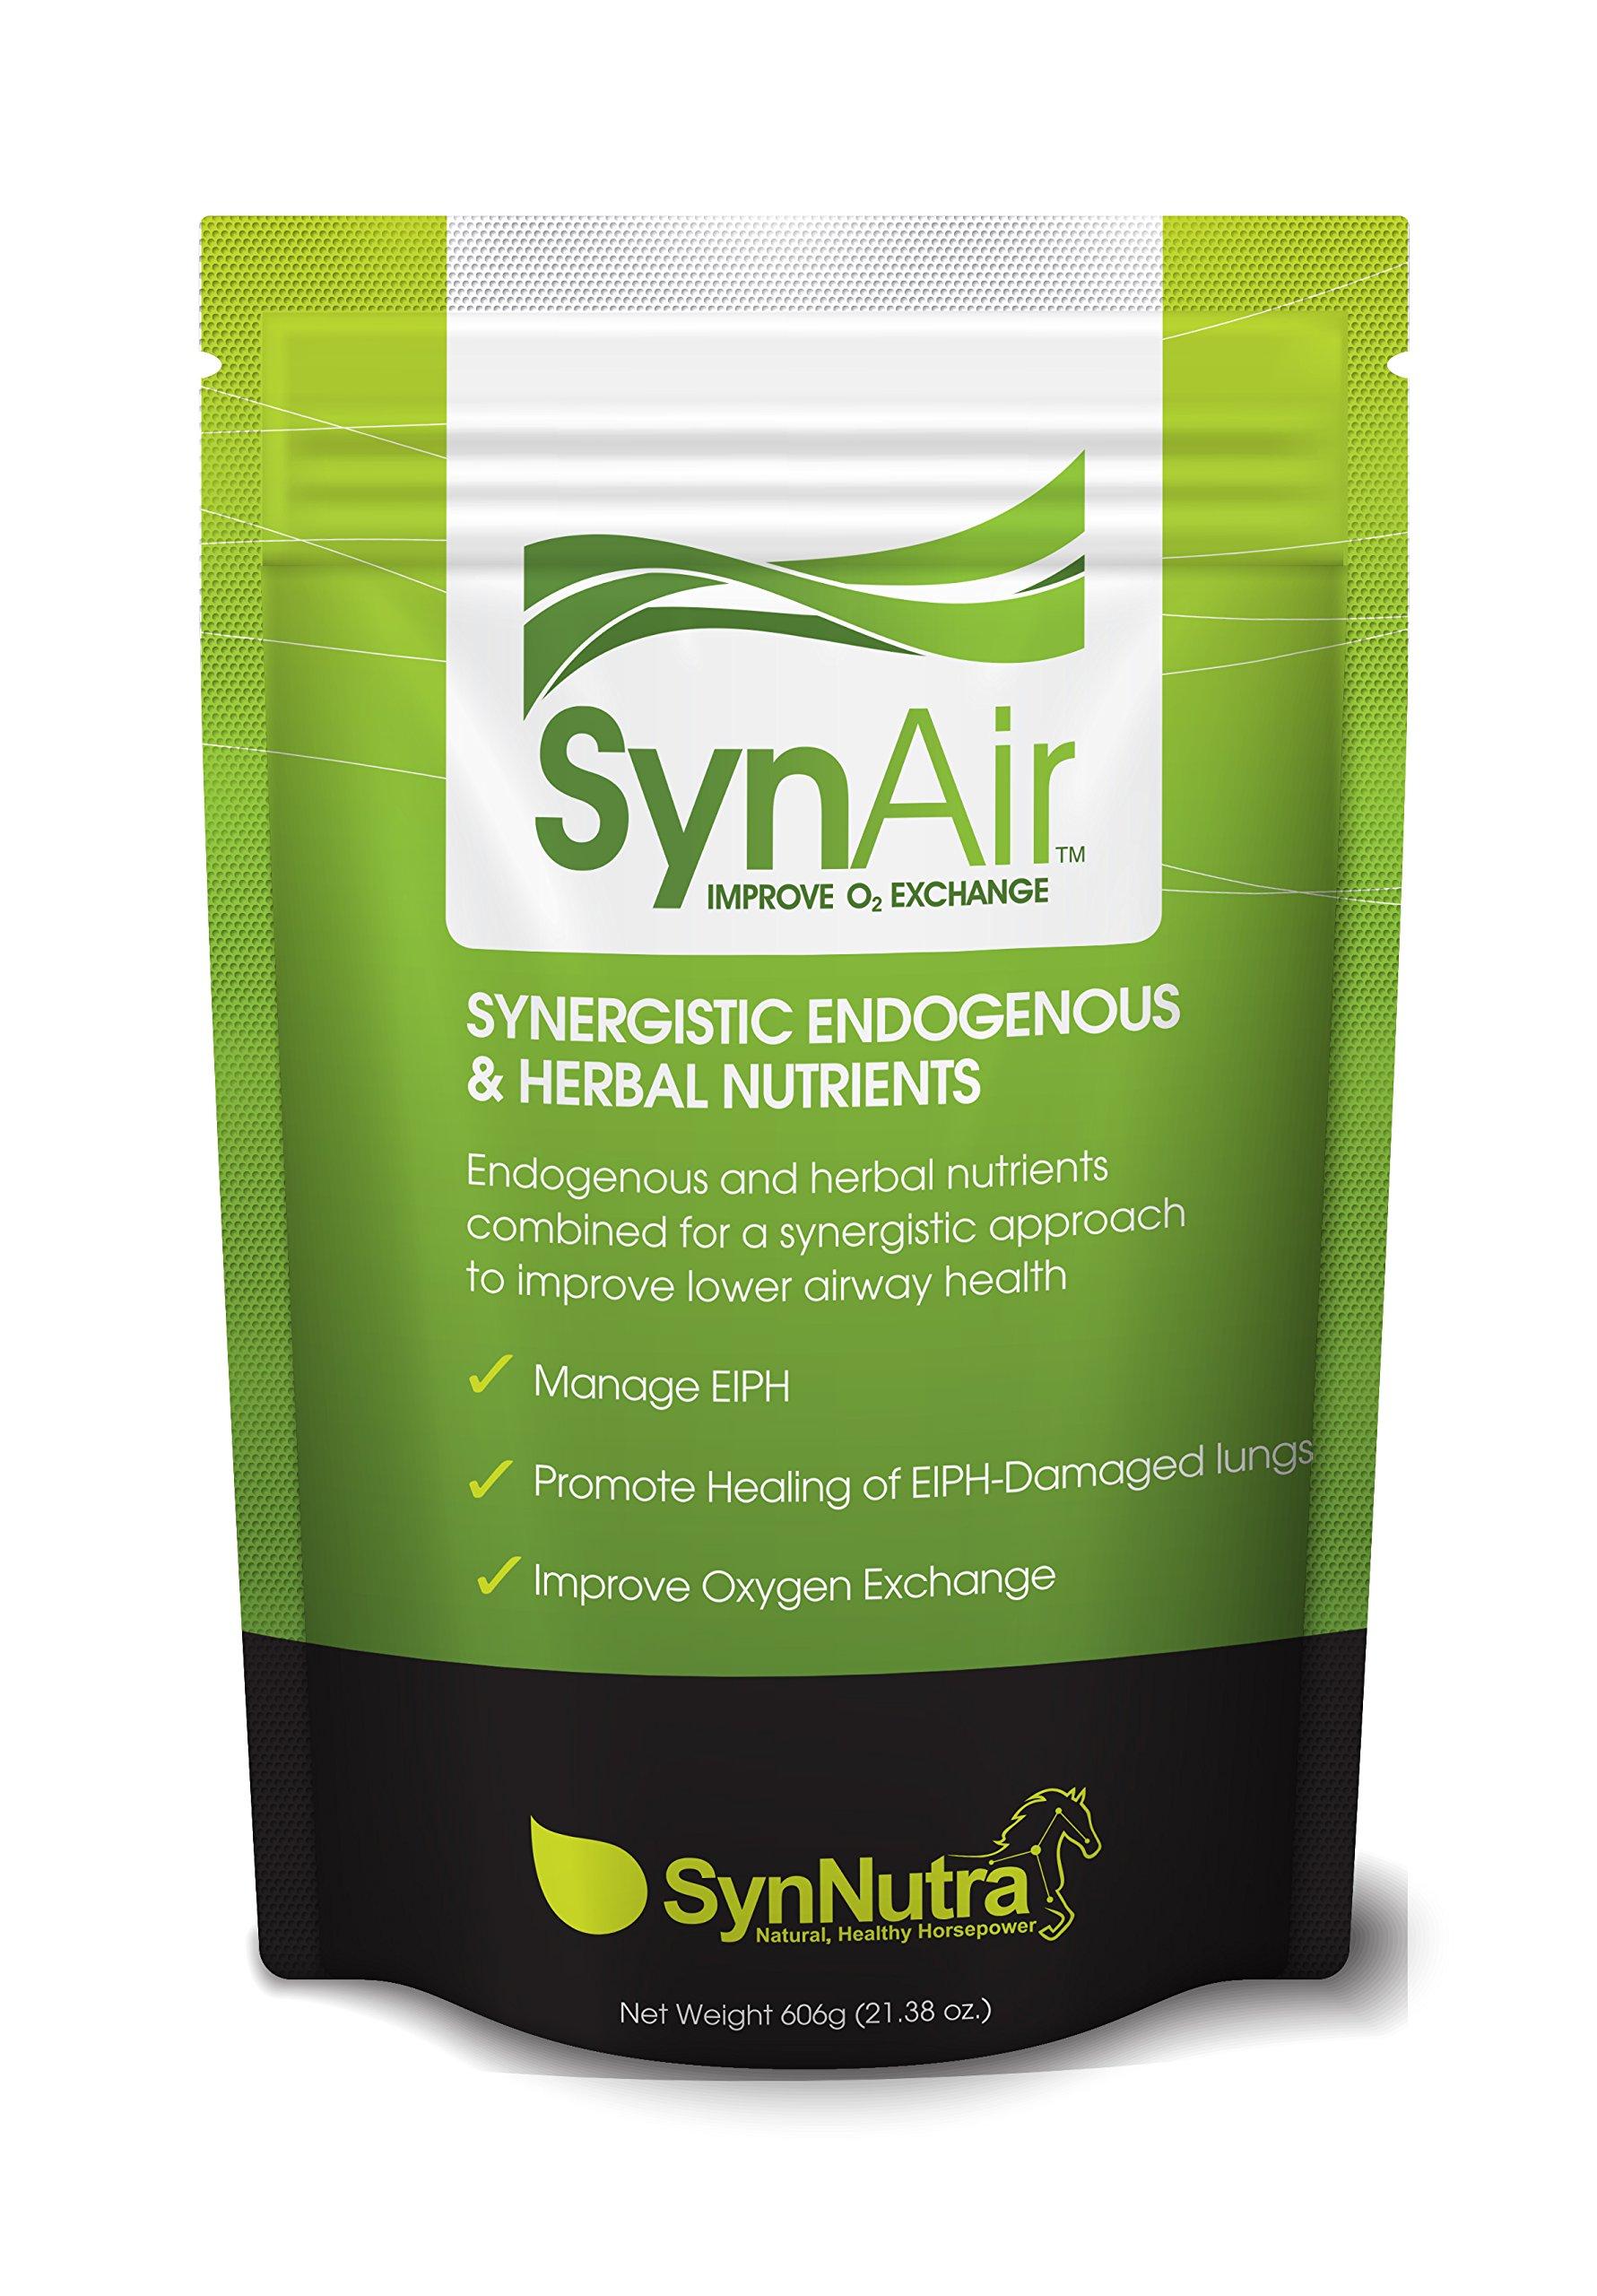 SynNutra Equine SynAir-EIPH (Bleeder) Prevention by SynNutra Equine